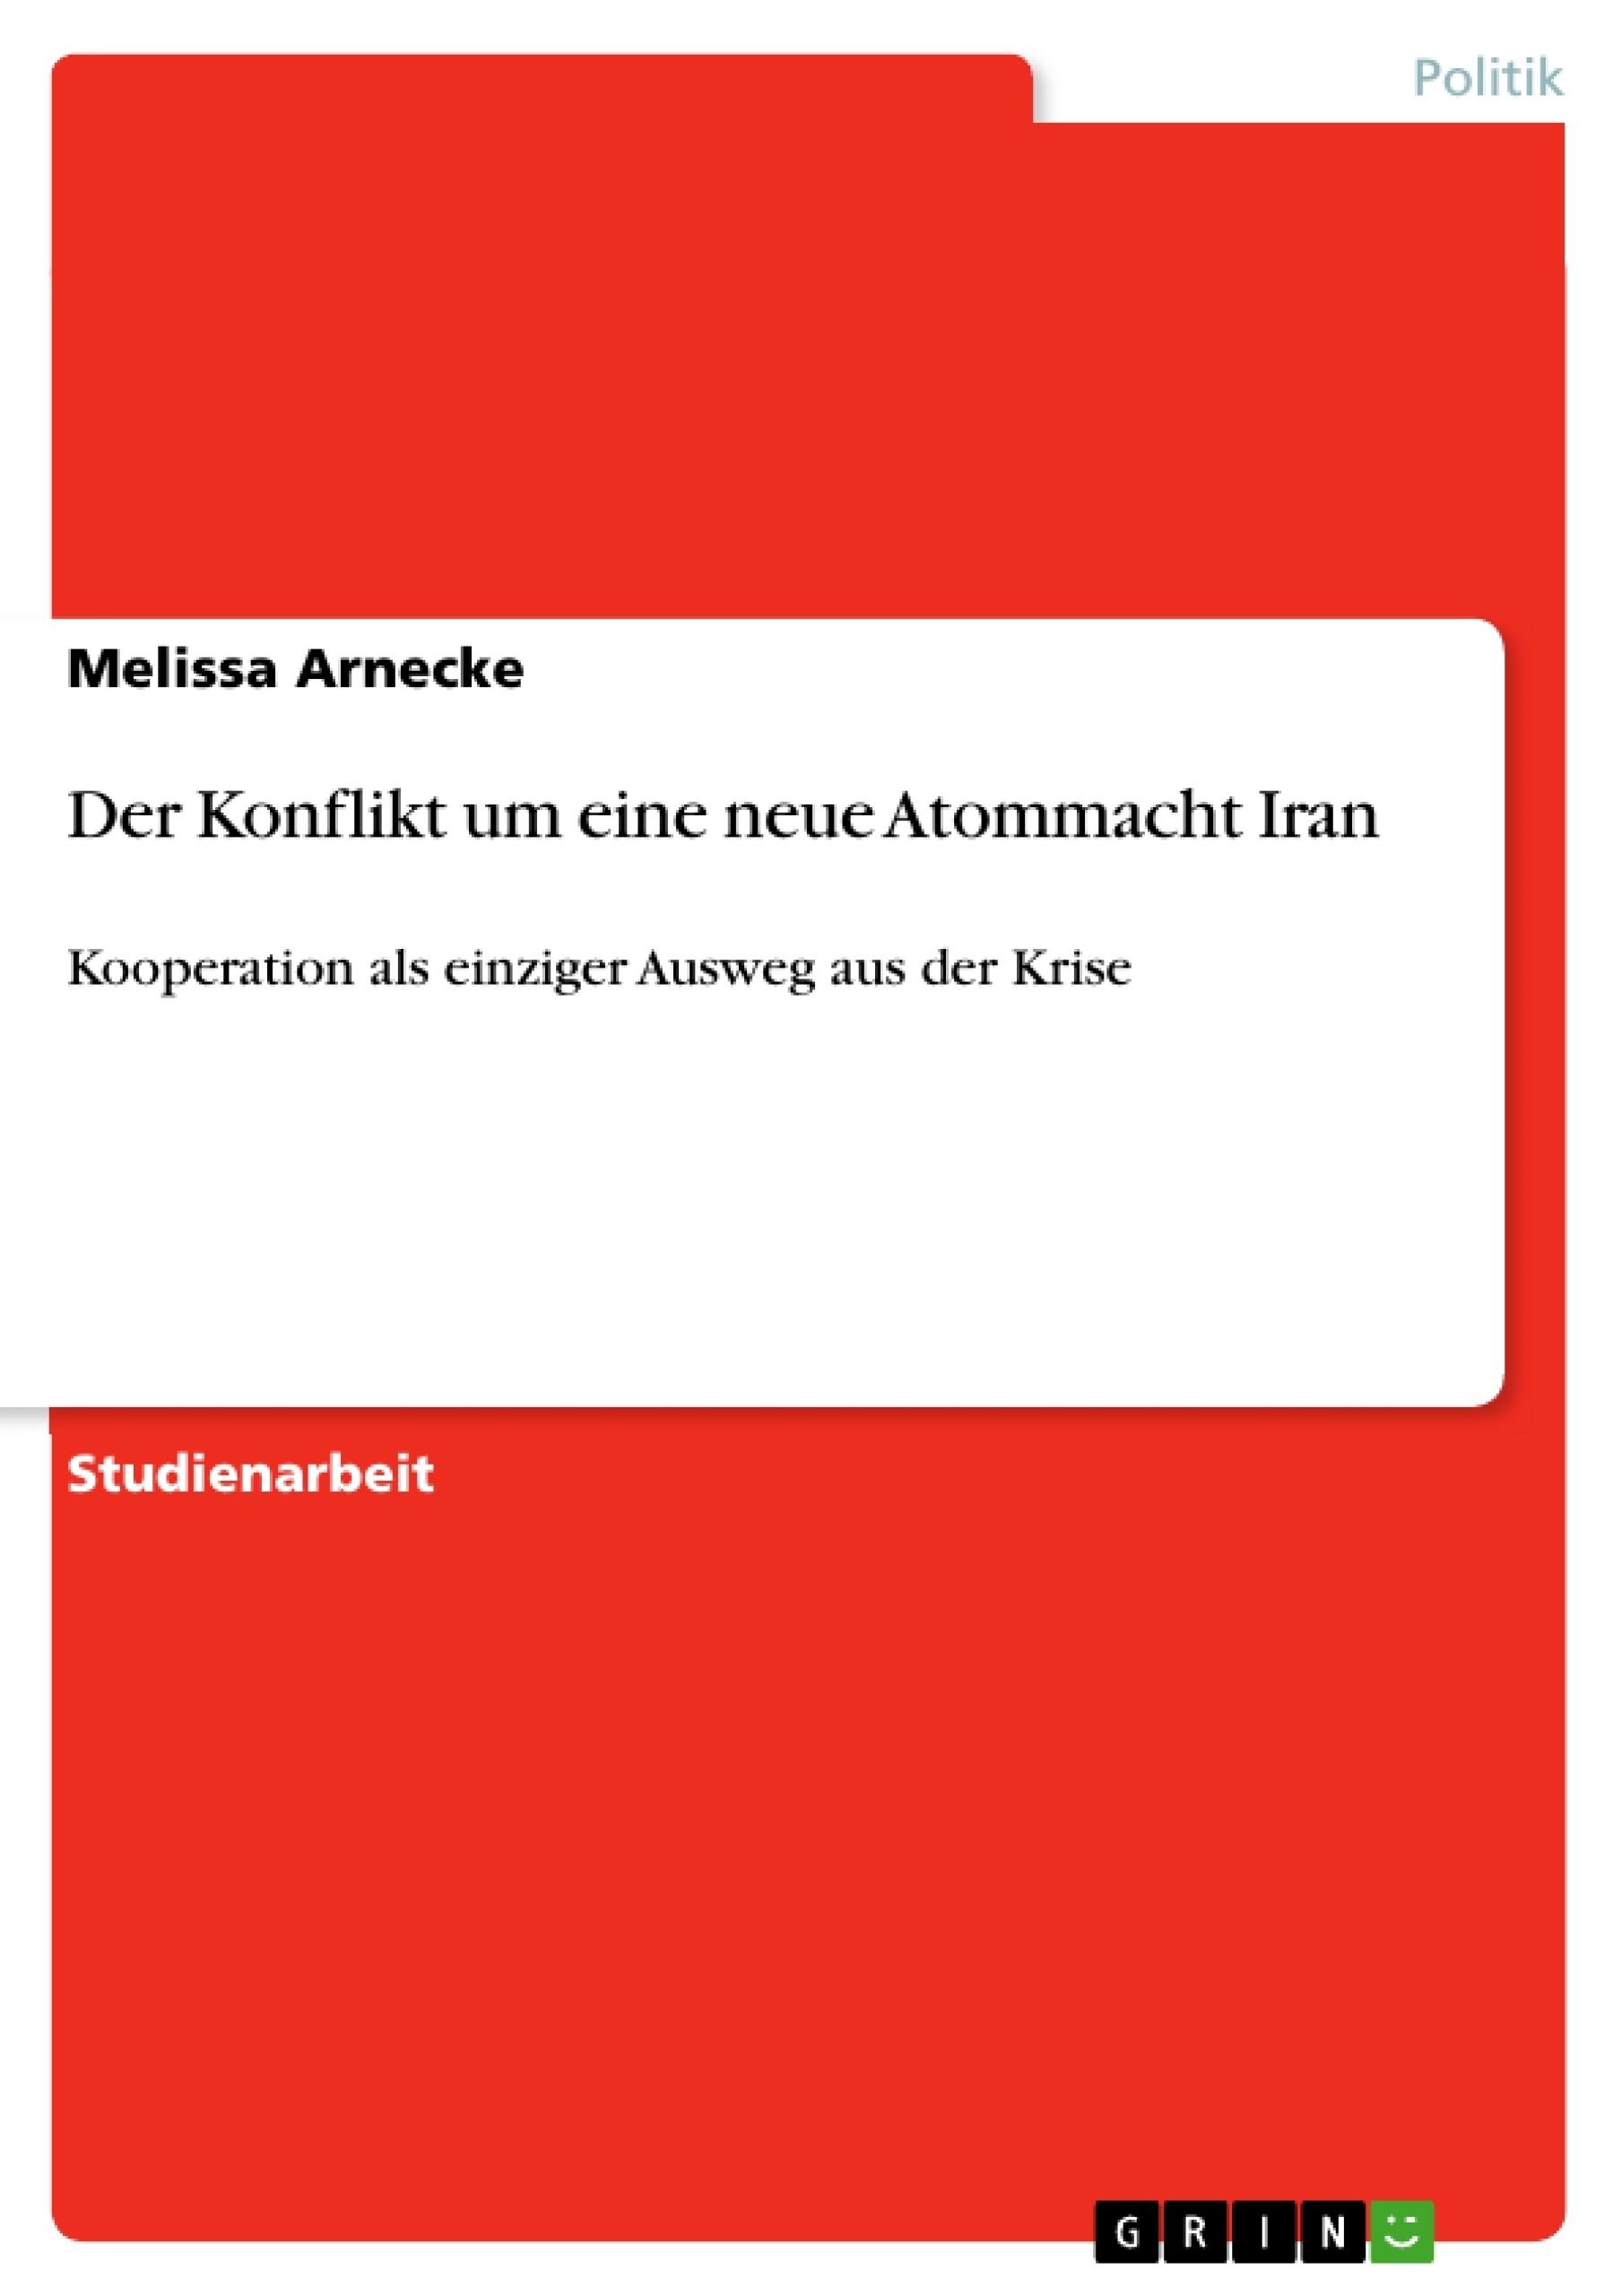 Titel: Der Konflikt um eine neue Atommacht Iran